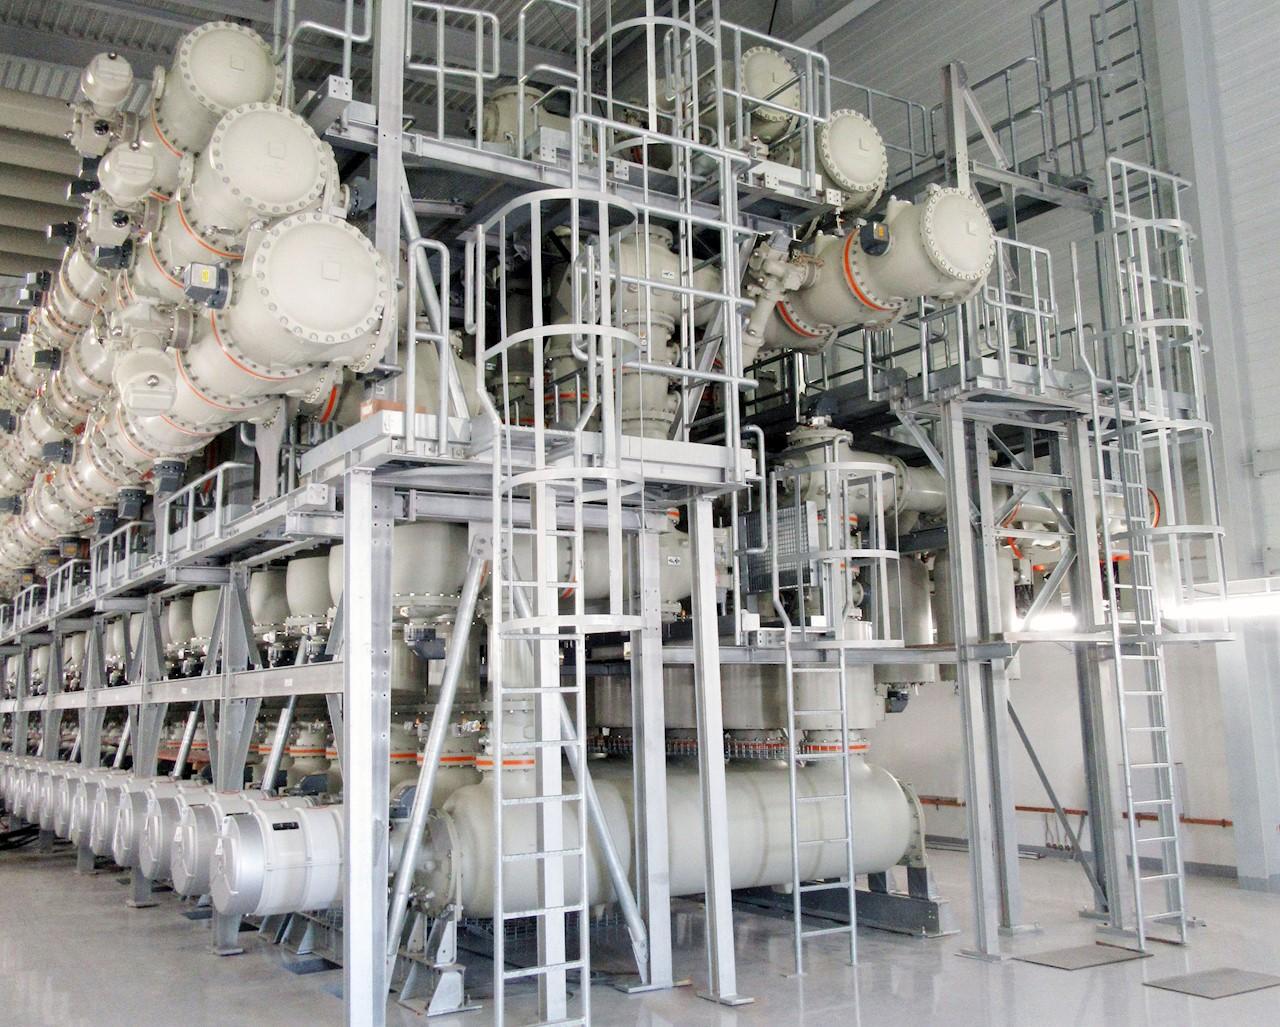 Primera aparamenta aislada en gas (GIS) de 380 kilovoltios (kV) instalada en la subestación de TransnetBW's Weier en Alemania